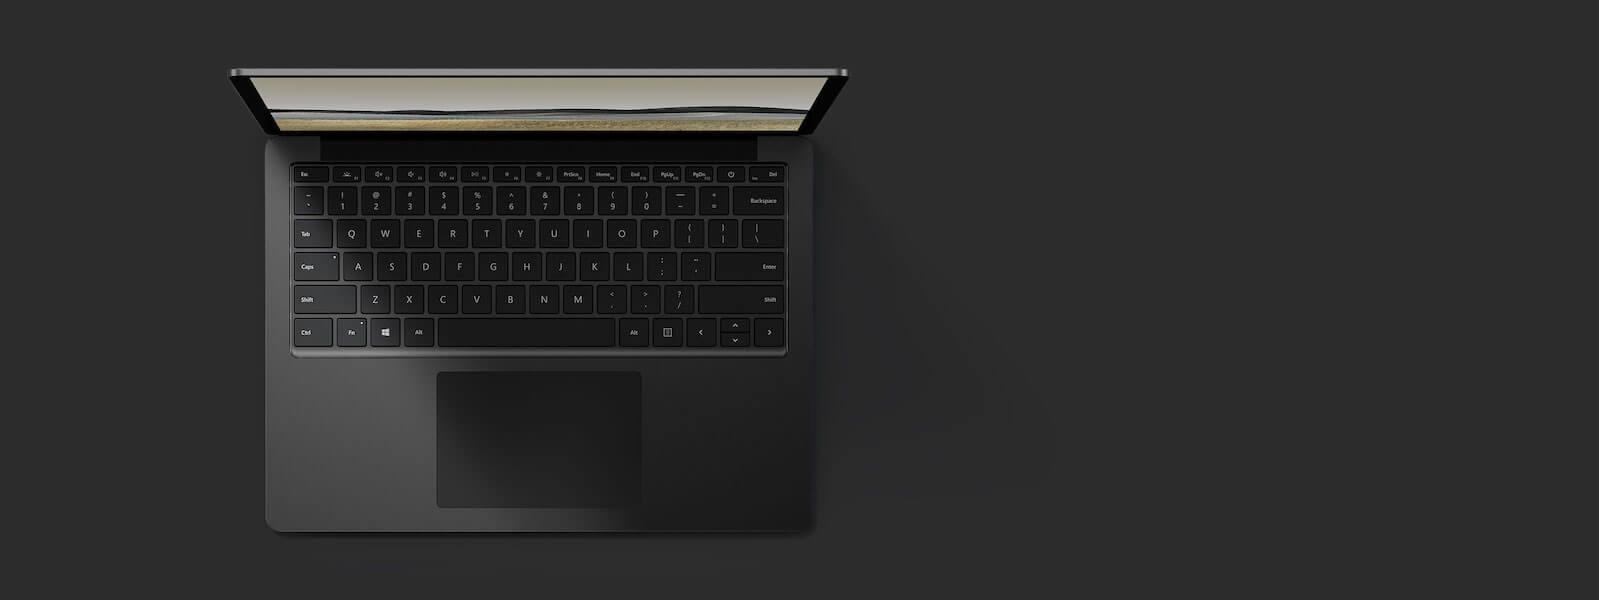 典雅黑 13.5 英寸 Surface Laptop 3 俯视图